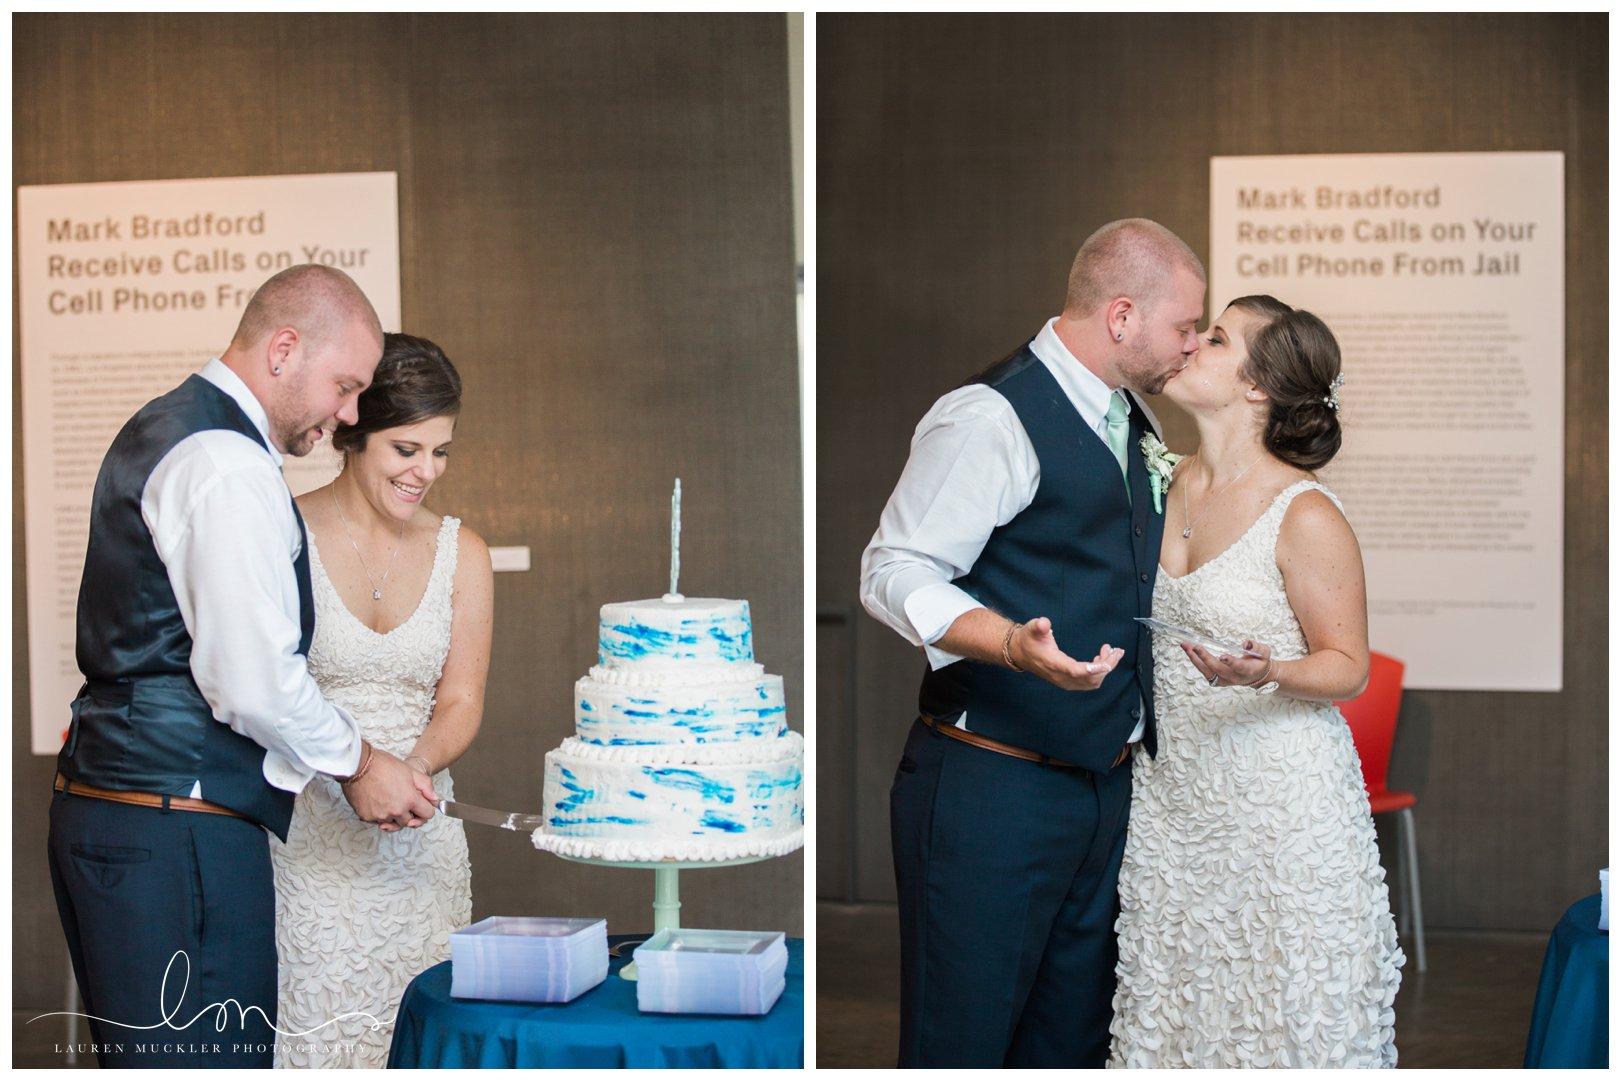 lauren muckler photography_fine art film wedding photography_st louis_photography_0567.jpg